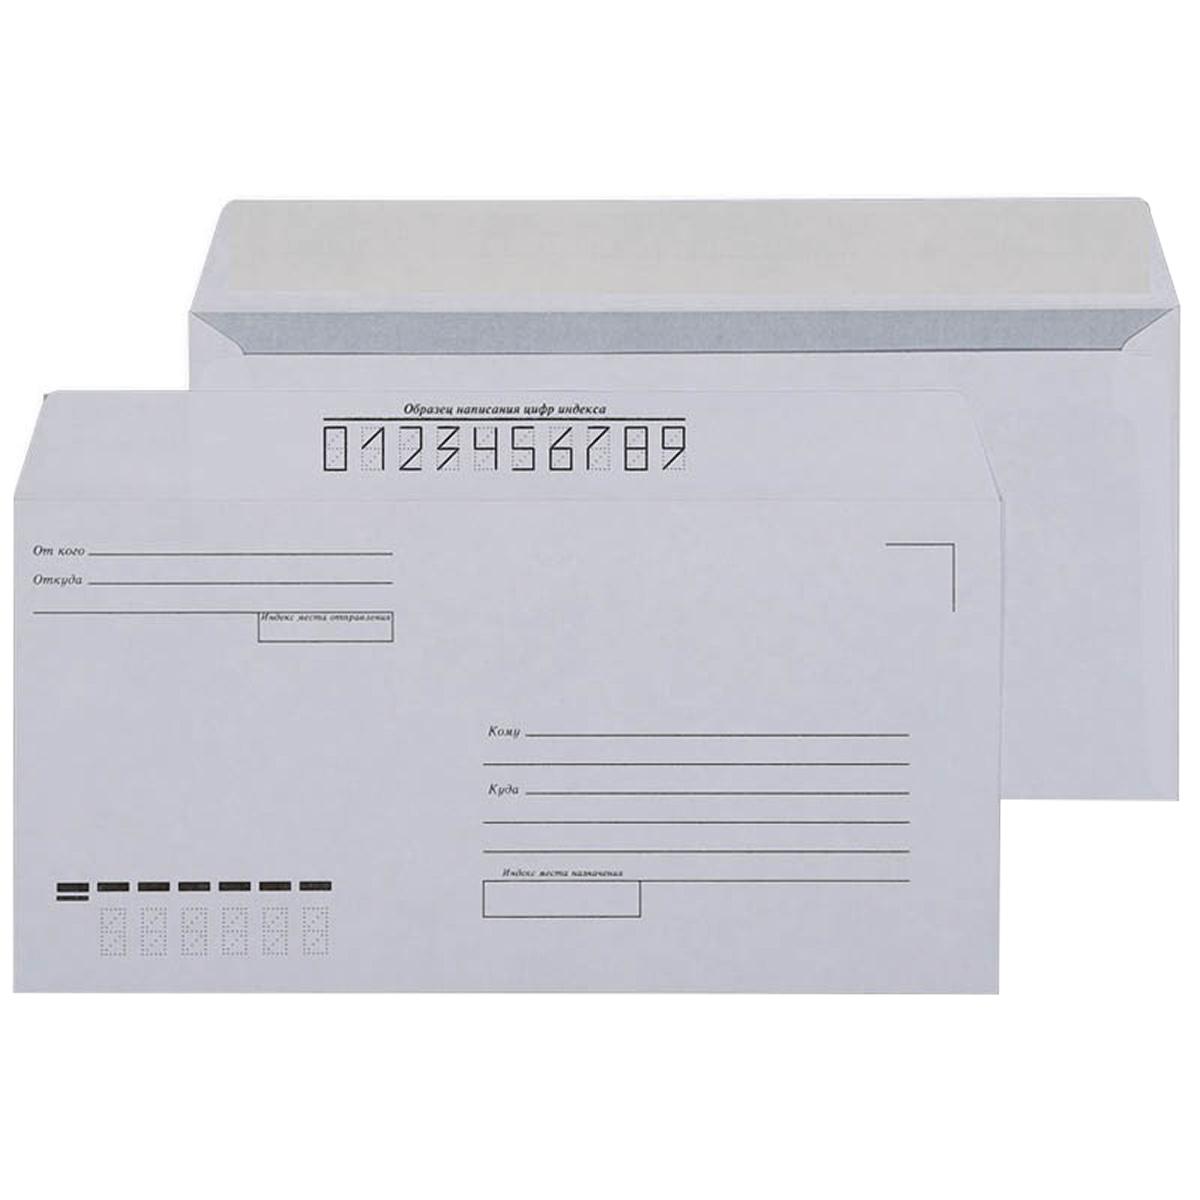 Конверт E65 с подсказом 200 шт70202.200